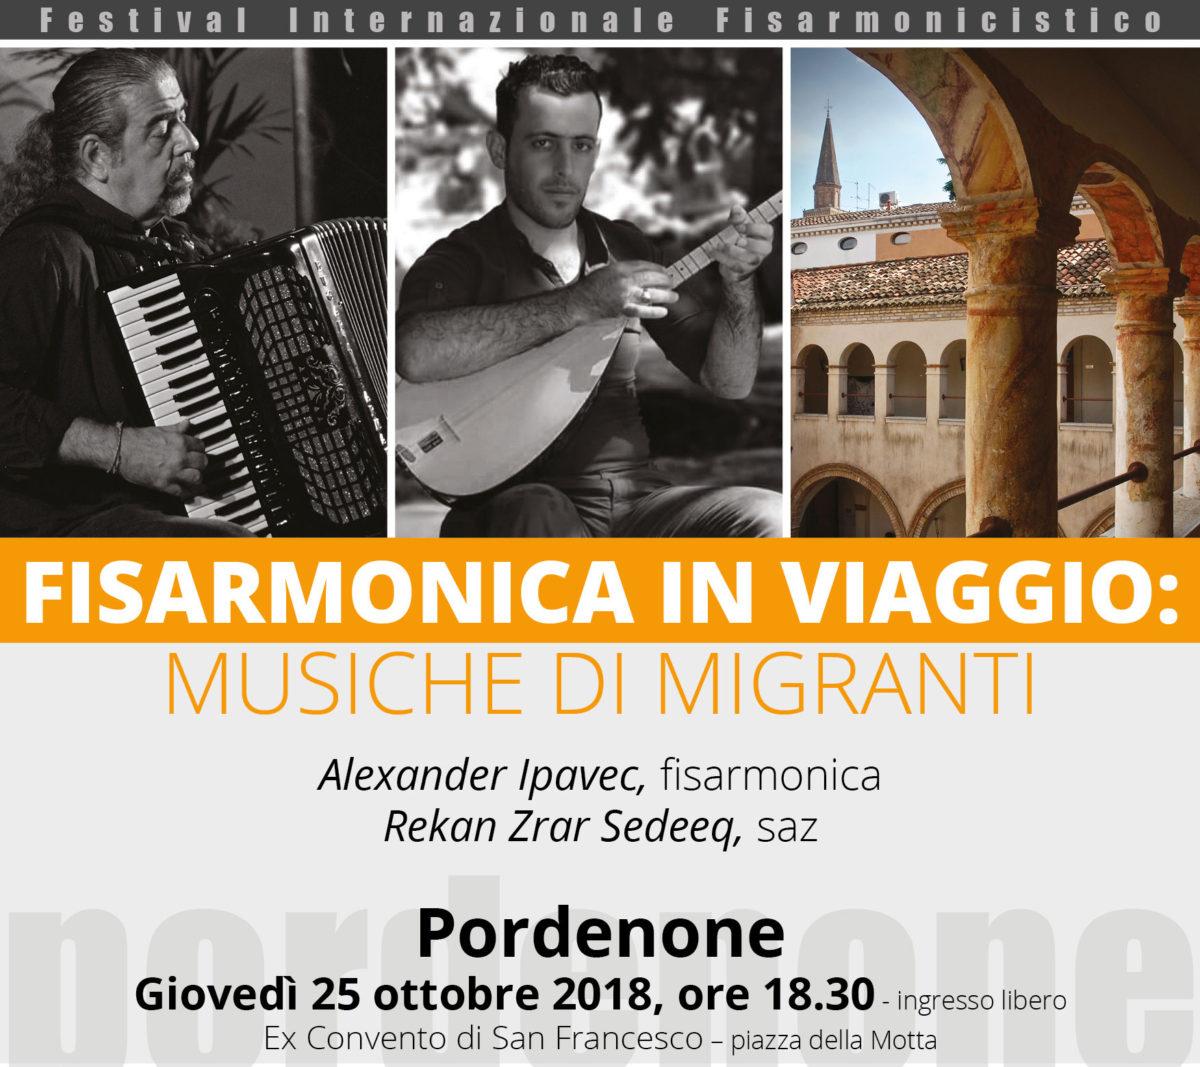 FISARMONICA IN VIAGGIO: MUSICHE DI MIGRANTI